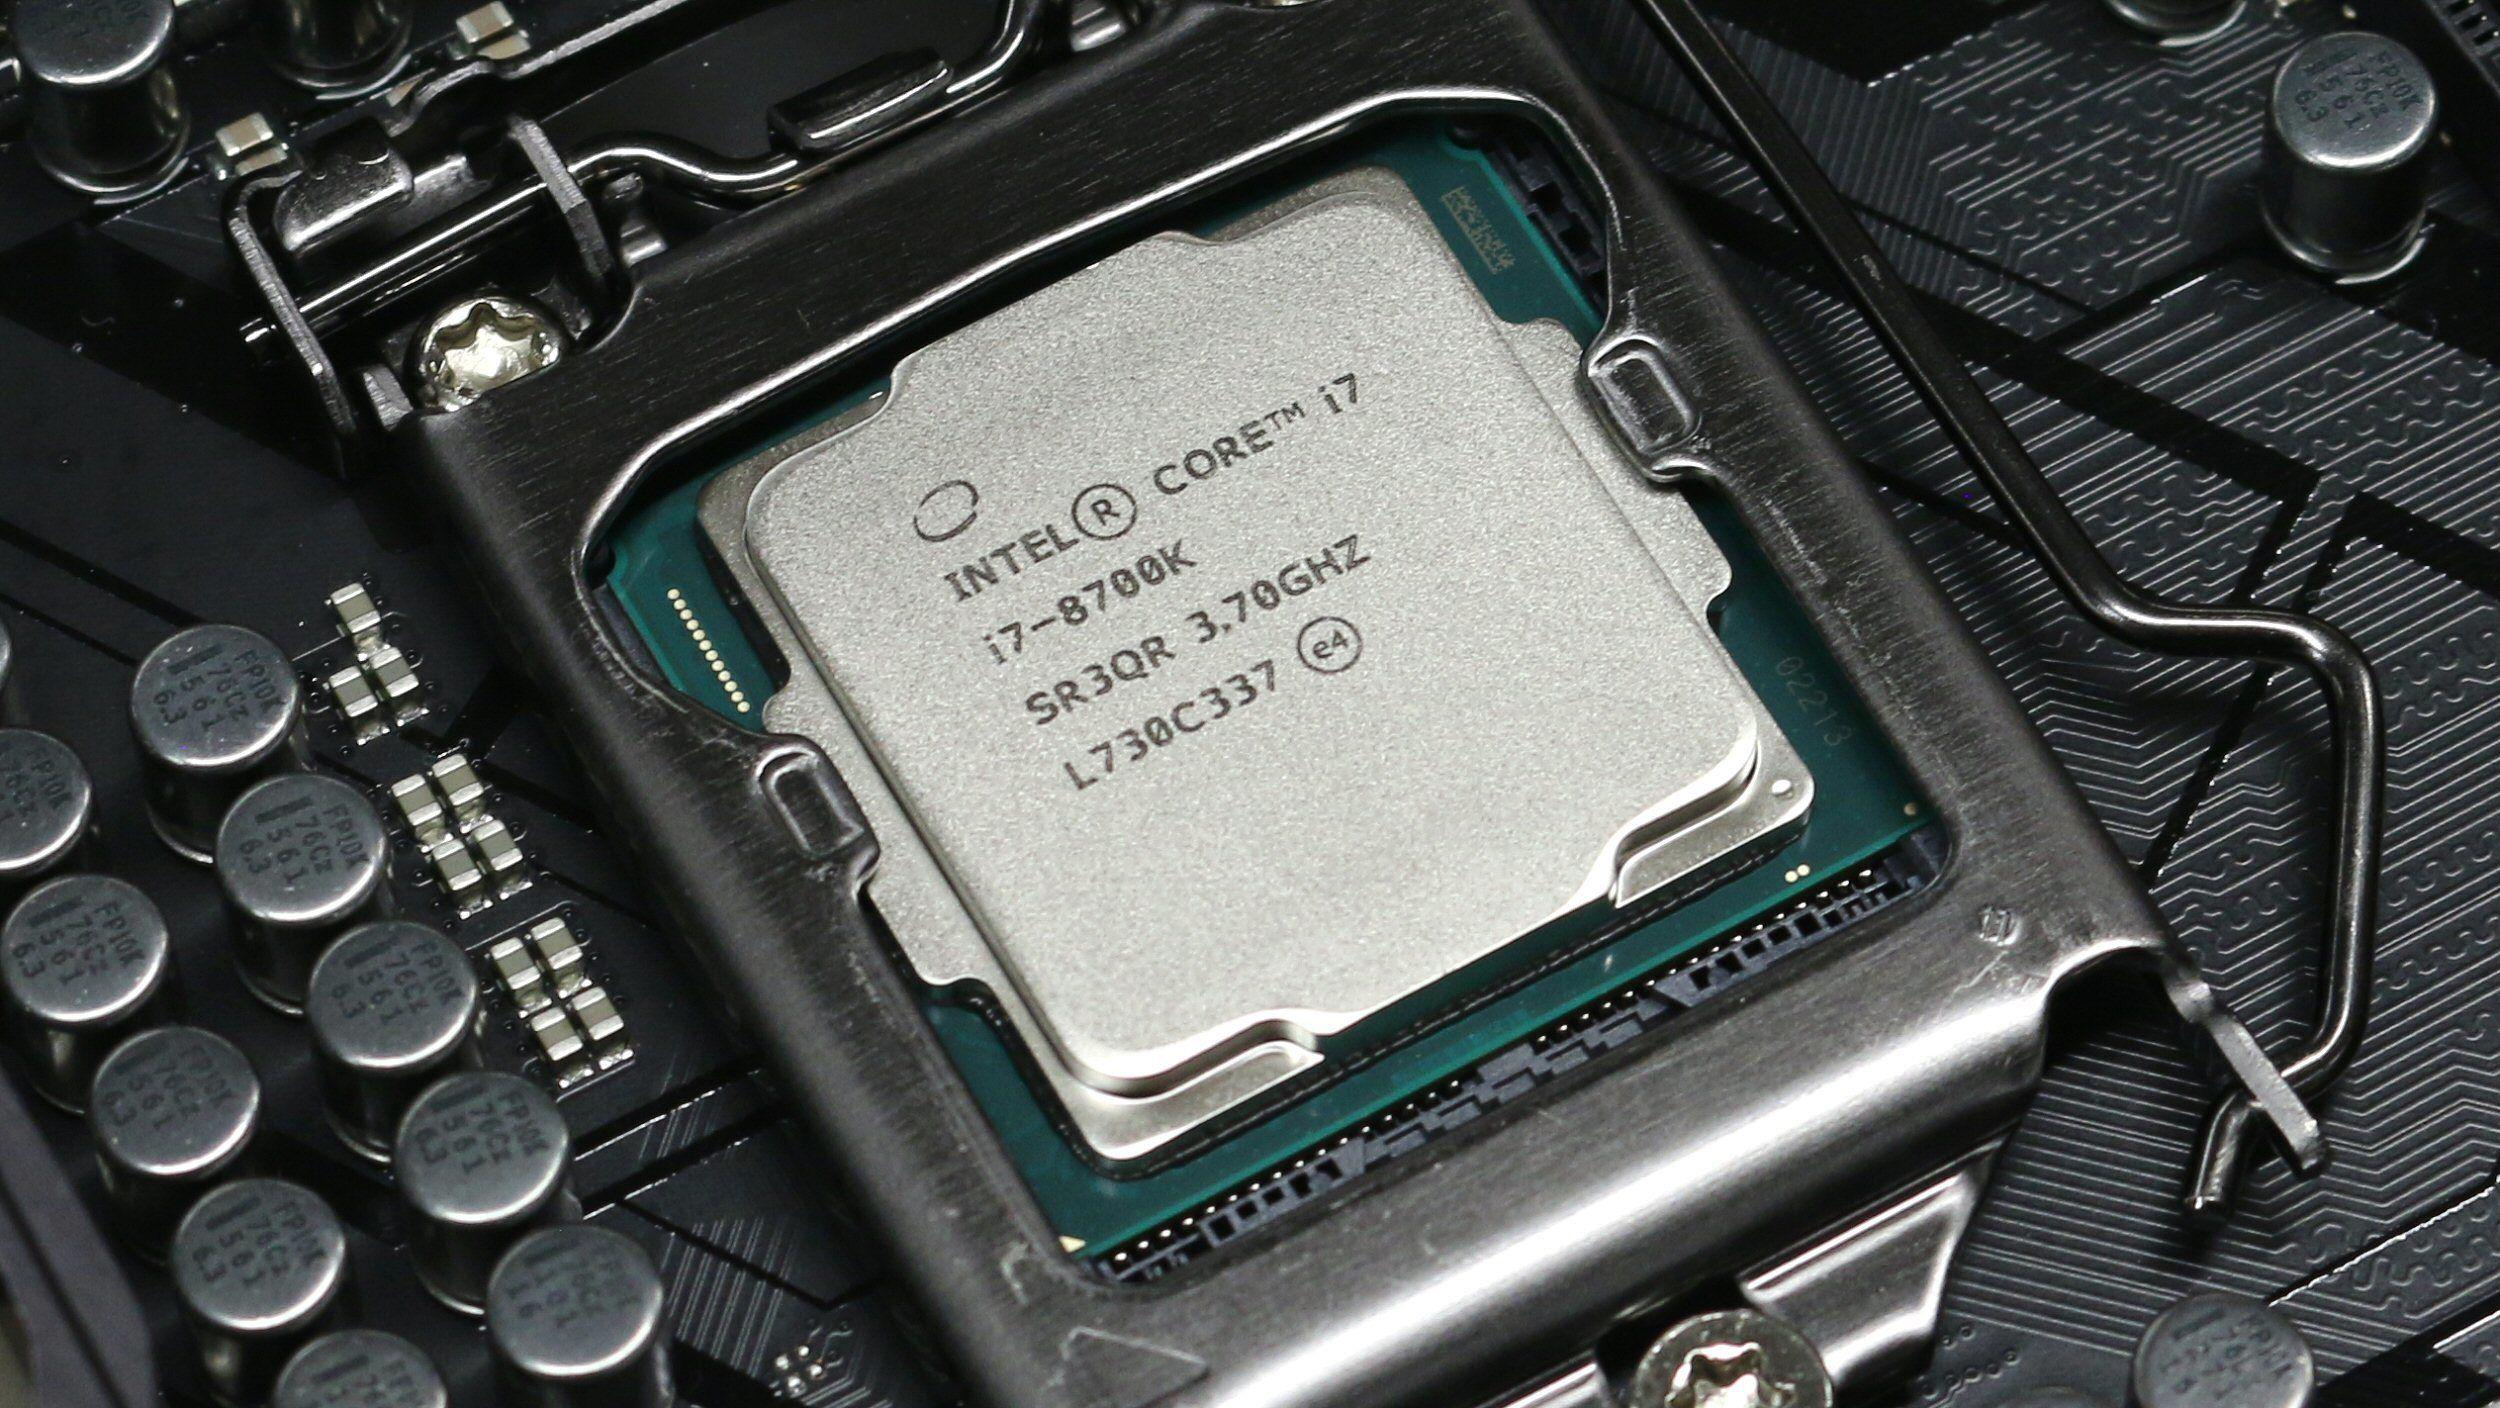 Intel Core i7-8700K kan virkelig gi jernet med hovedkortprodusentenes «auto-overklokk».